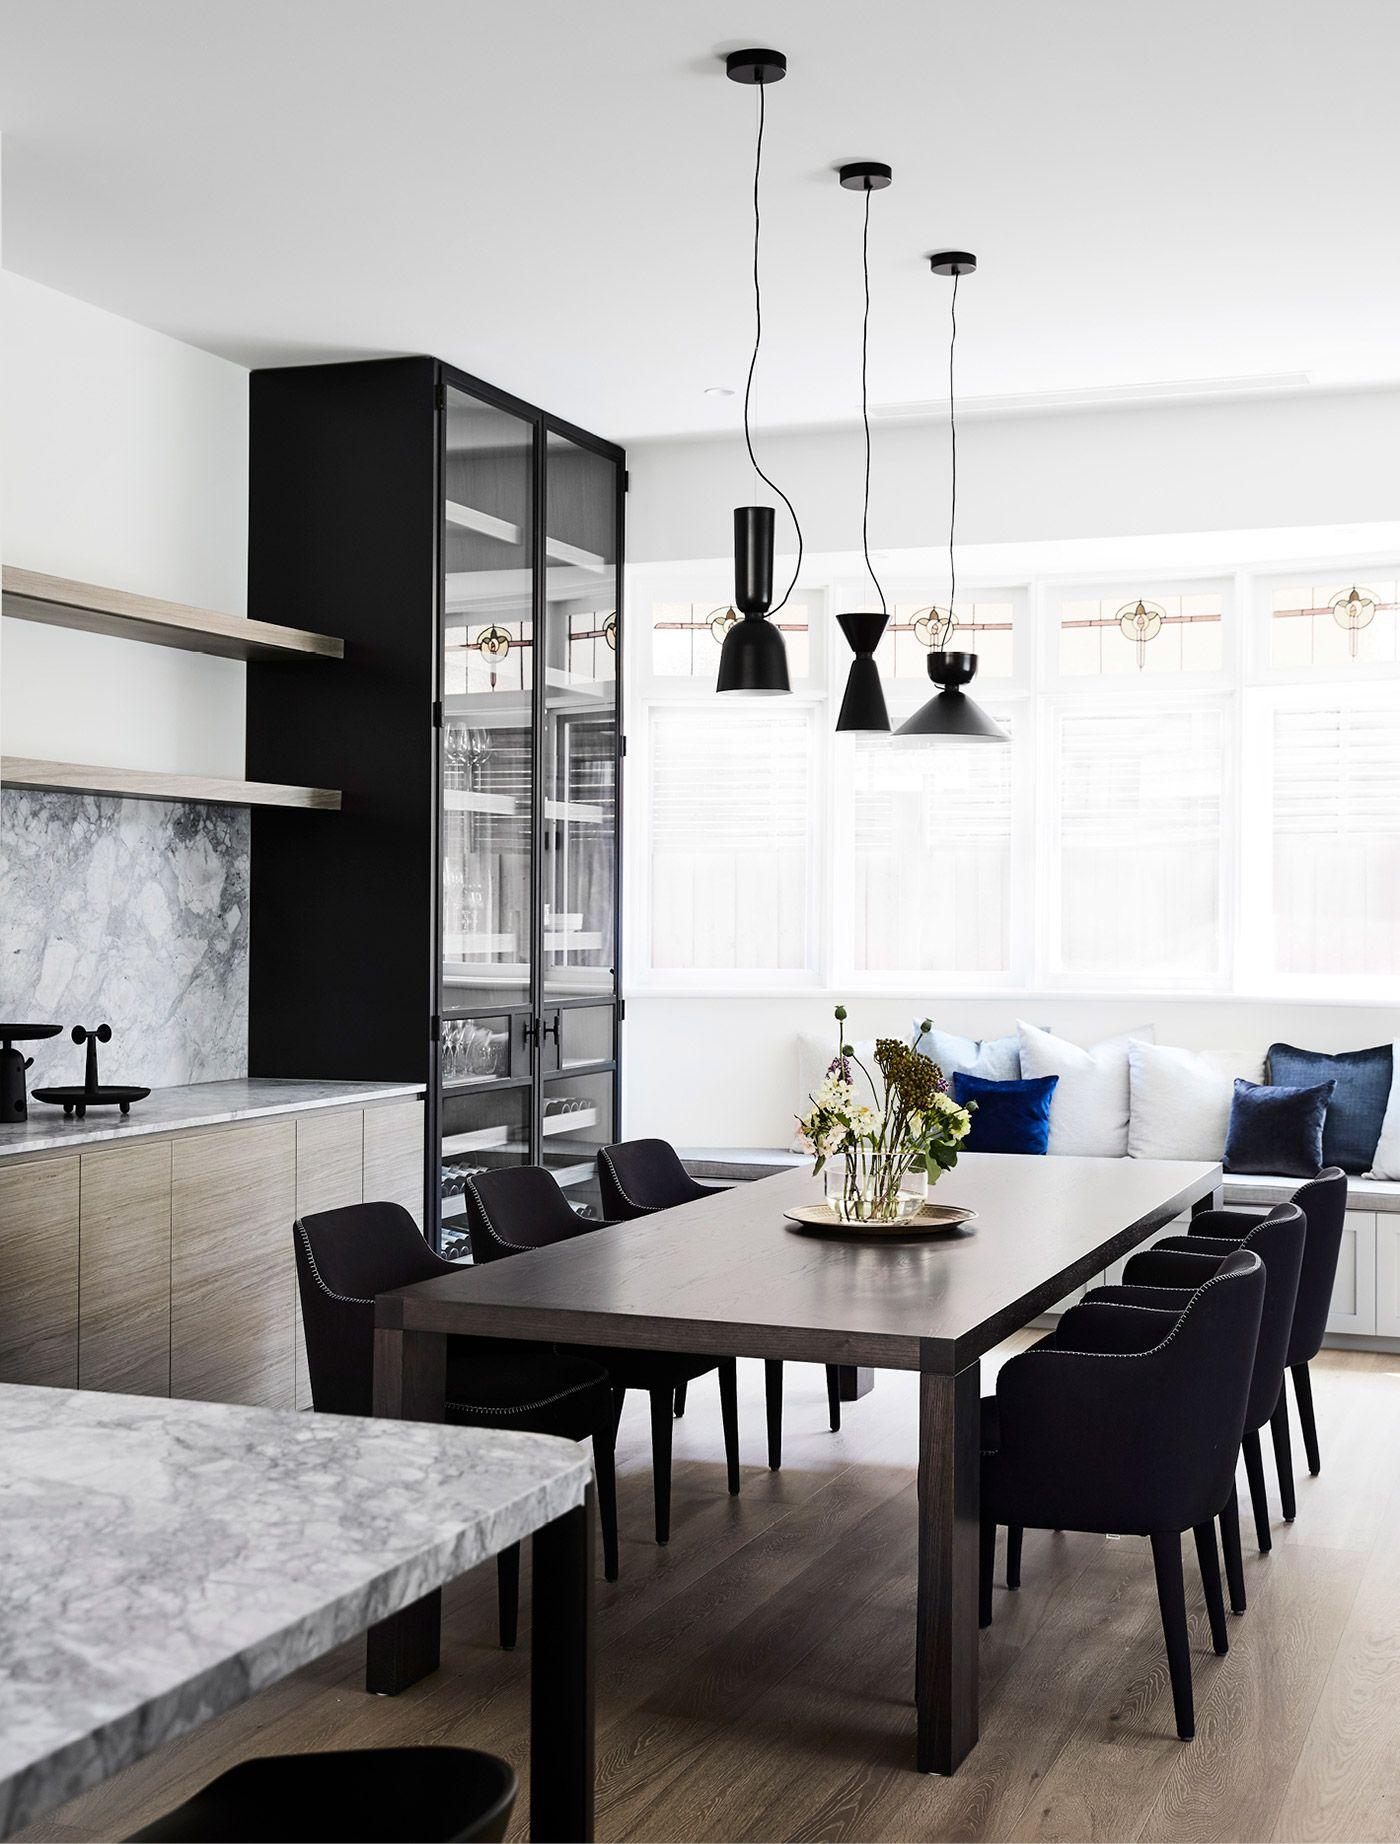 Danish Kitchen, Minimal Kitchen, Modern Kitchen, Scandinavian ...